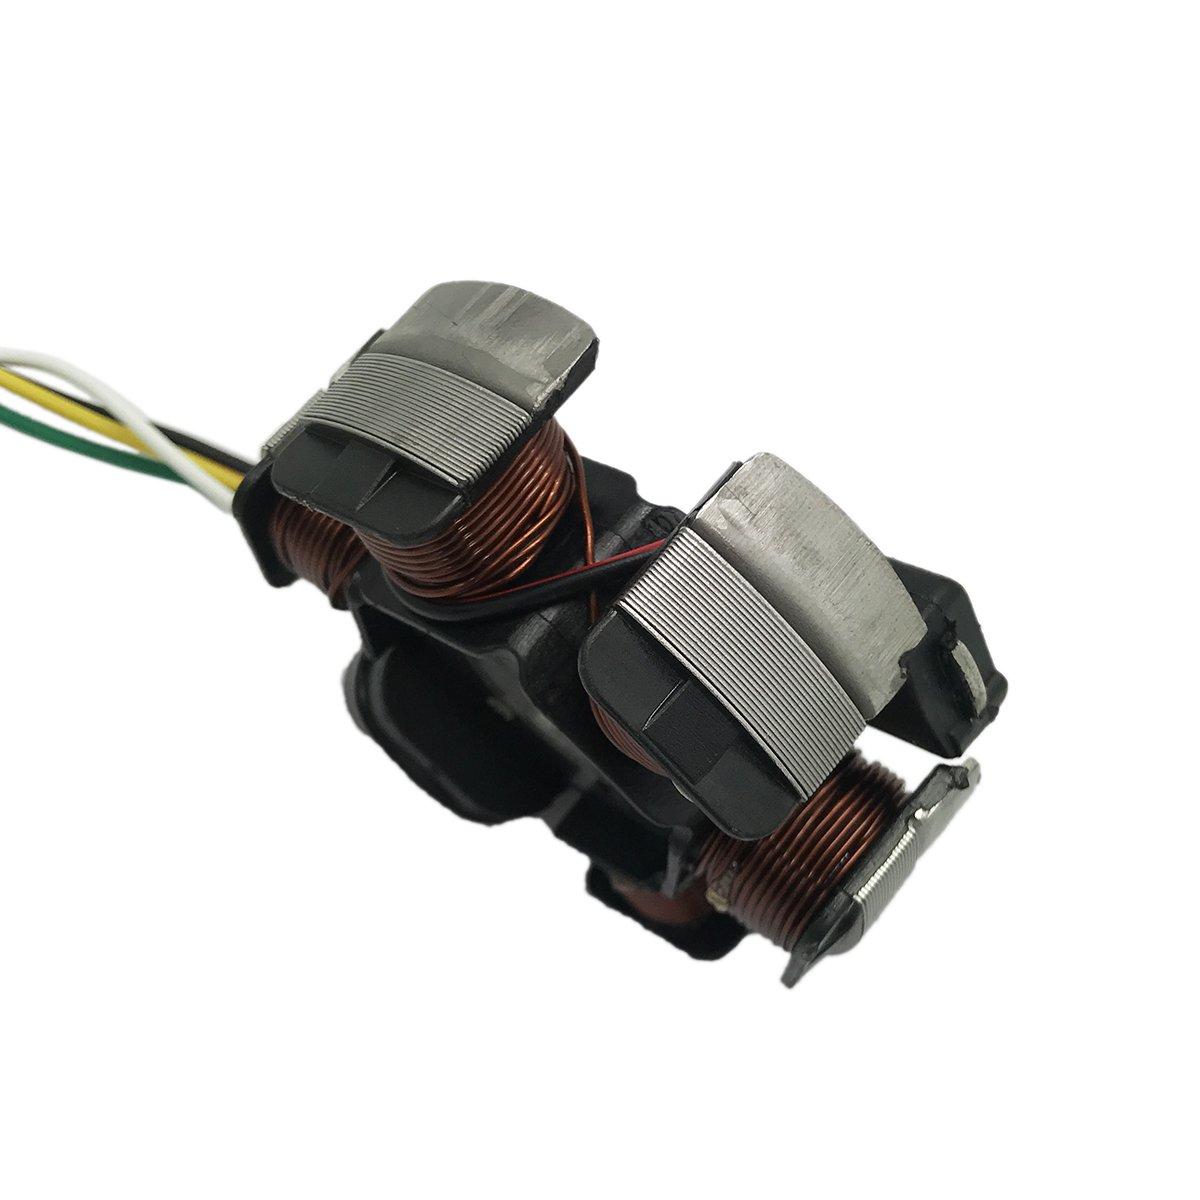 Ja All Am6 Tuono Generator Stator Plate Alternator Aprilia Rx50 Rs50 Rx 50 Wiring Mx50 Rs Mx Car Motorbike